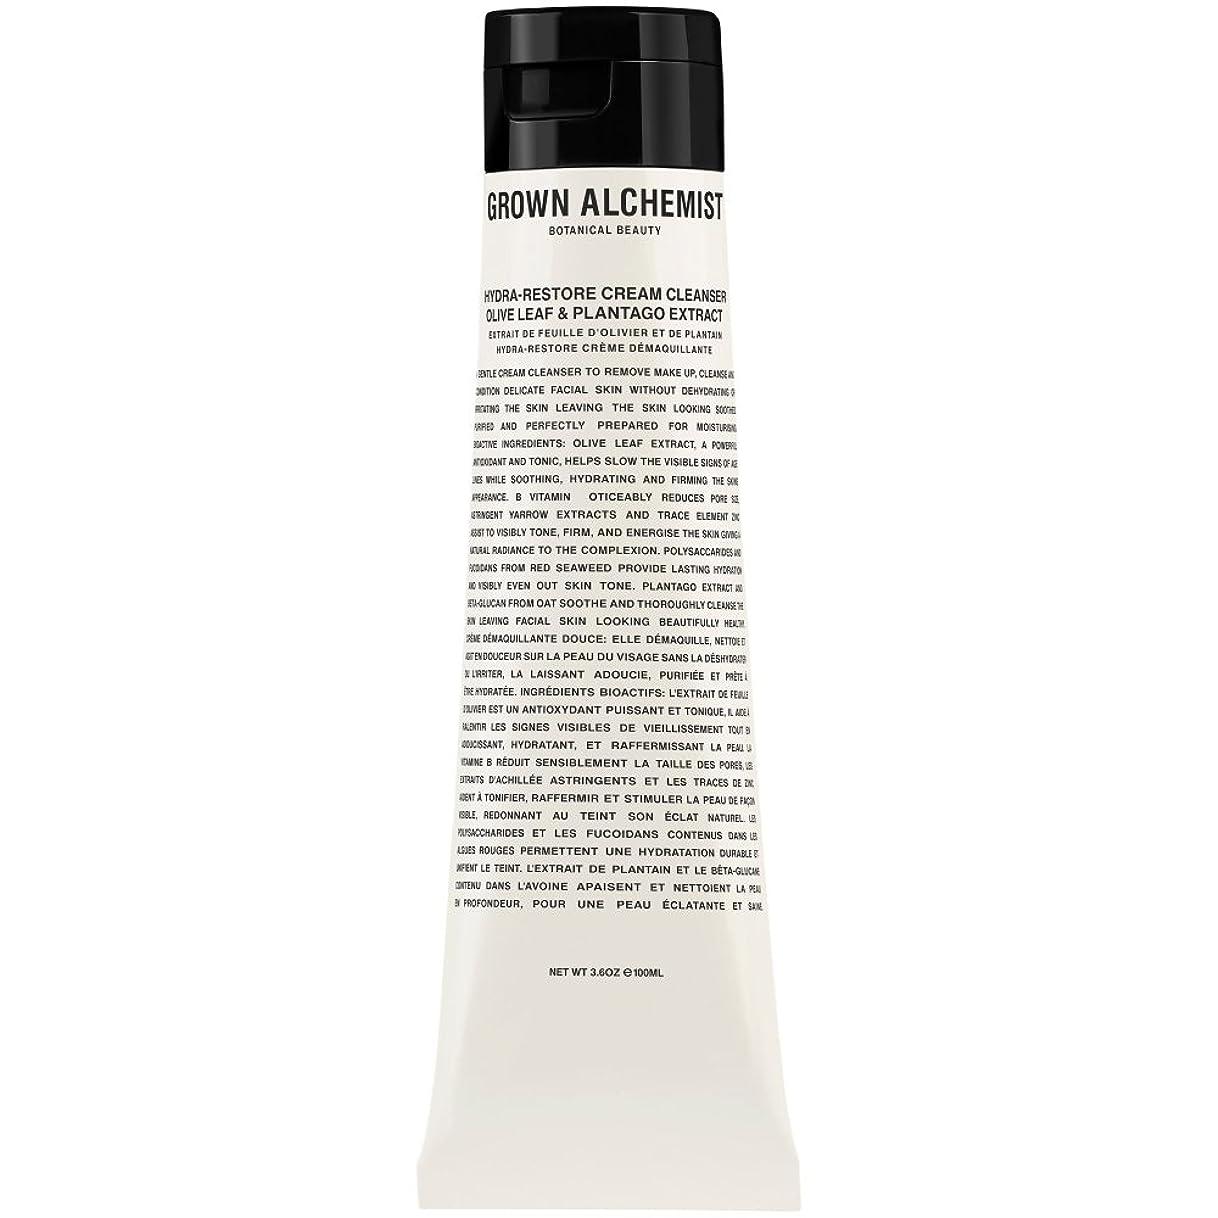 代わりの気難しい連合オリーブの葉&Plantogoエキス、100ミリリットル:成長した錬金術師クリームクレンザーをヒドラ復元 (Grown Alchemist) (x6) - Grown Alchemist Hydra-Restore Cream Cleanser: Olive Leaf & Plantogo Extract, 100ml (Pack of 6) [並行輸入品]